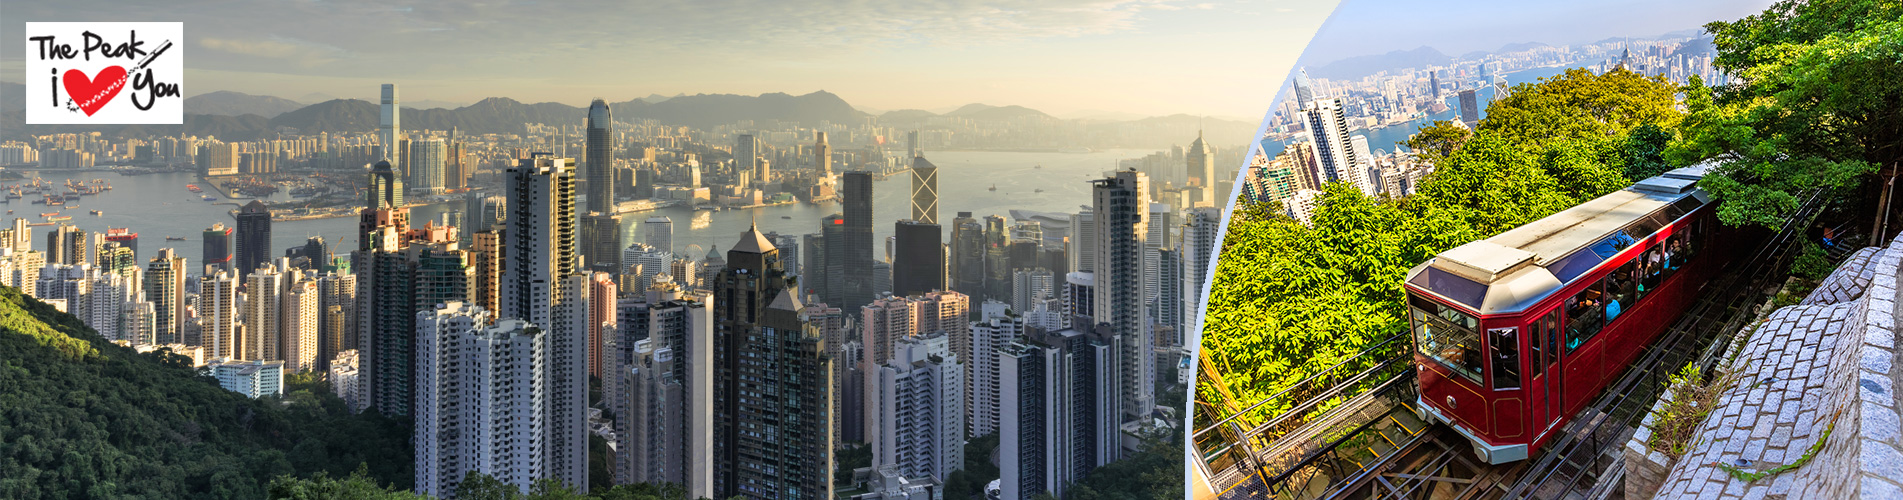 香港山頂纜車套票 (山頂纜車 + 凌霄閣摩天台)